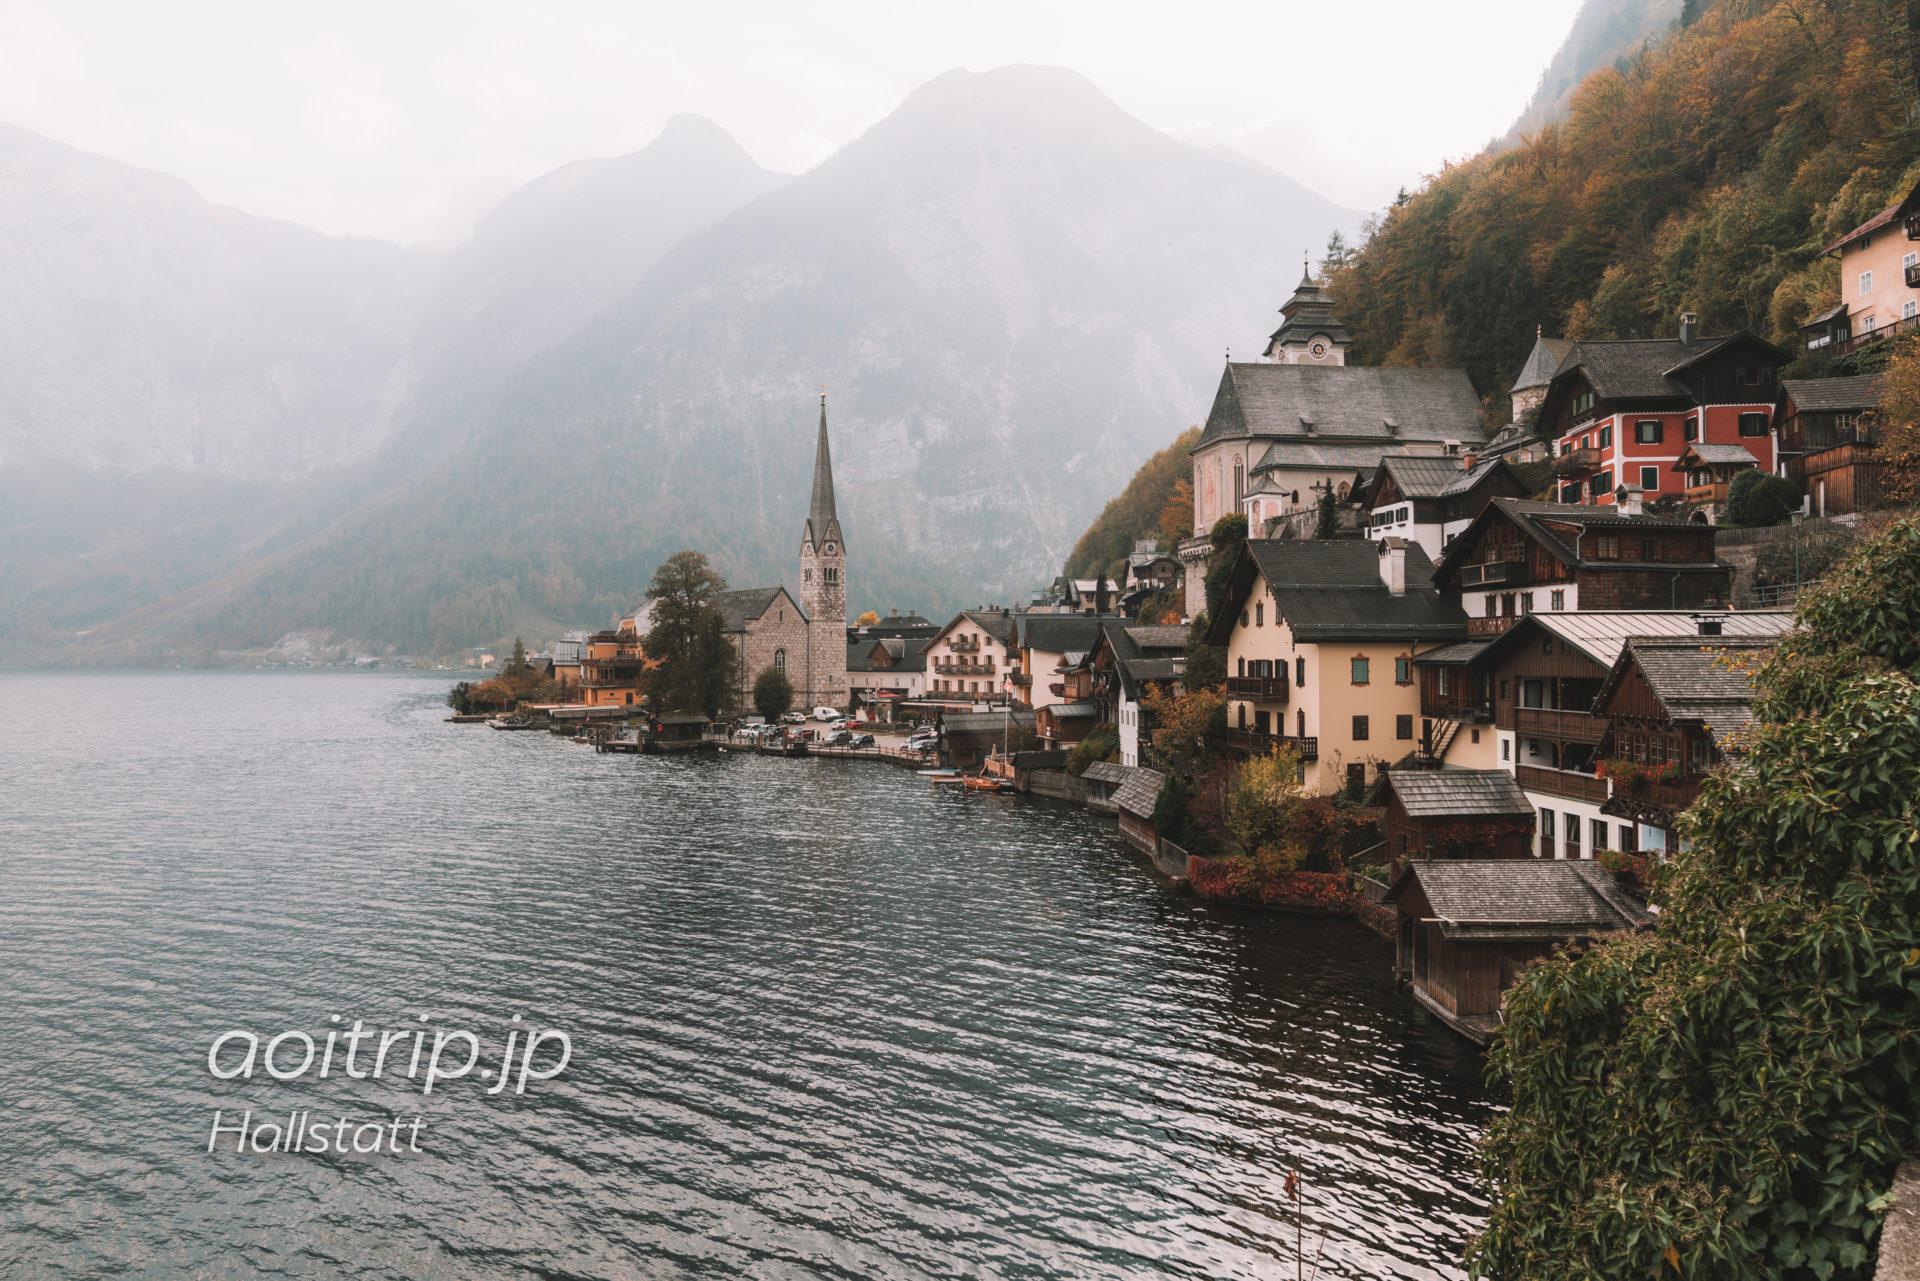 オーストリア ハルシュタット湖